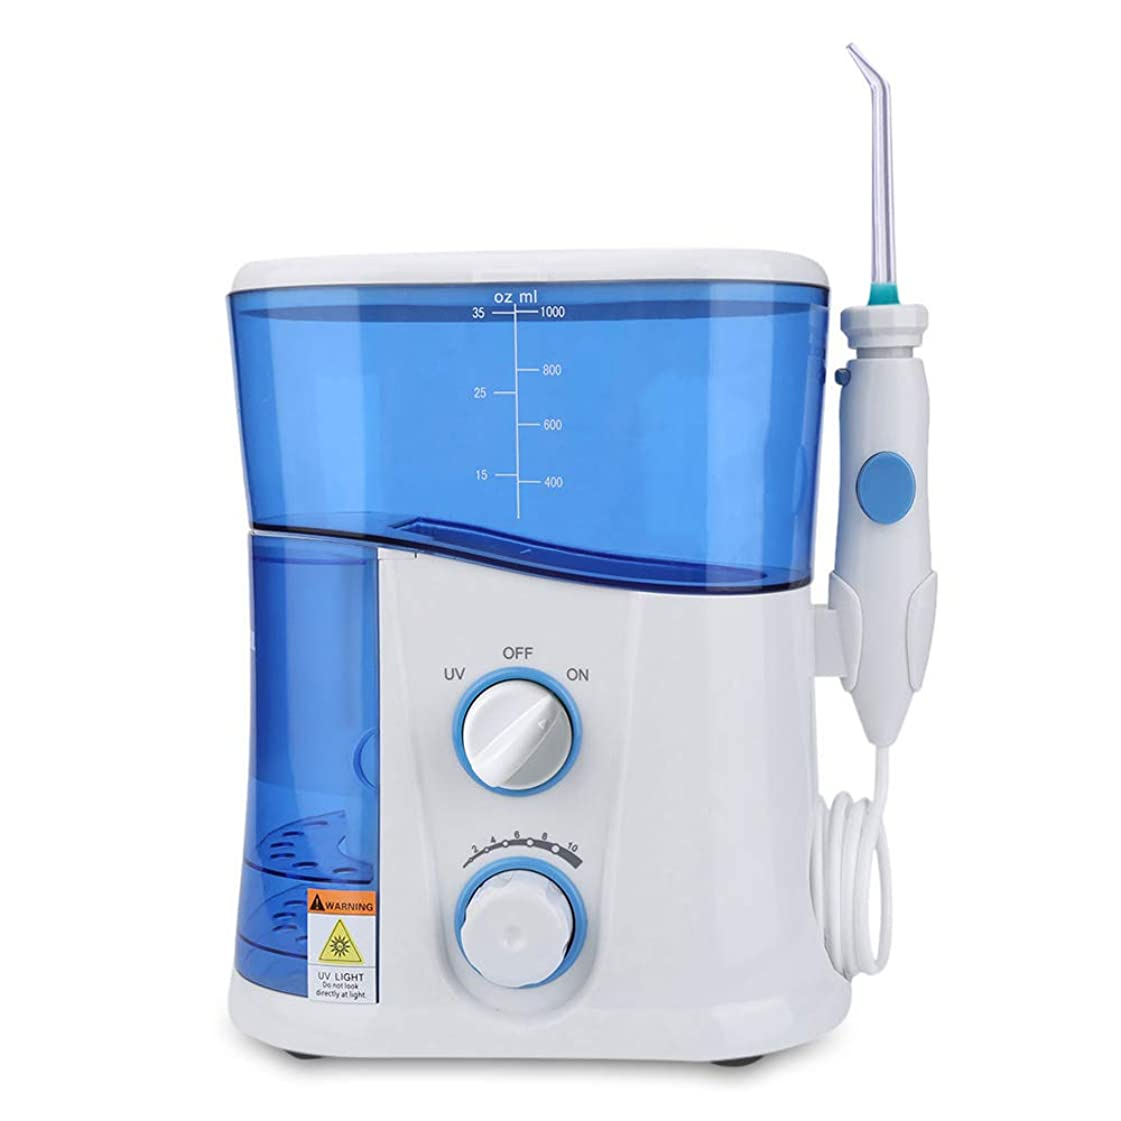 フルートうつ風変わりなインテリジェント電動口腔洗浄器1000ミリリットル水タンク18ワット低圧パルス水360°回転ノズルを除去するためにプラークフロス7組の水霧